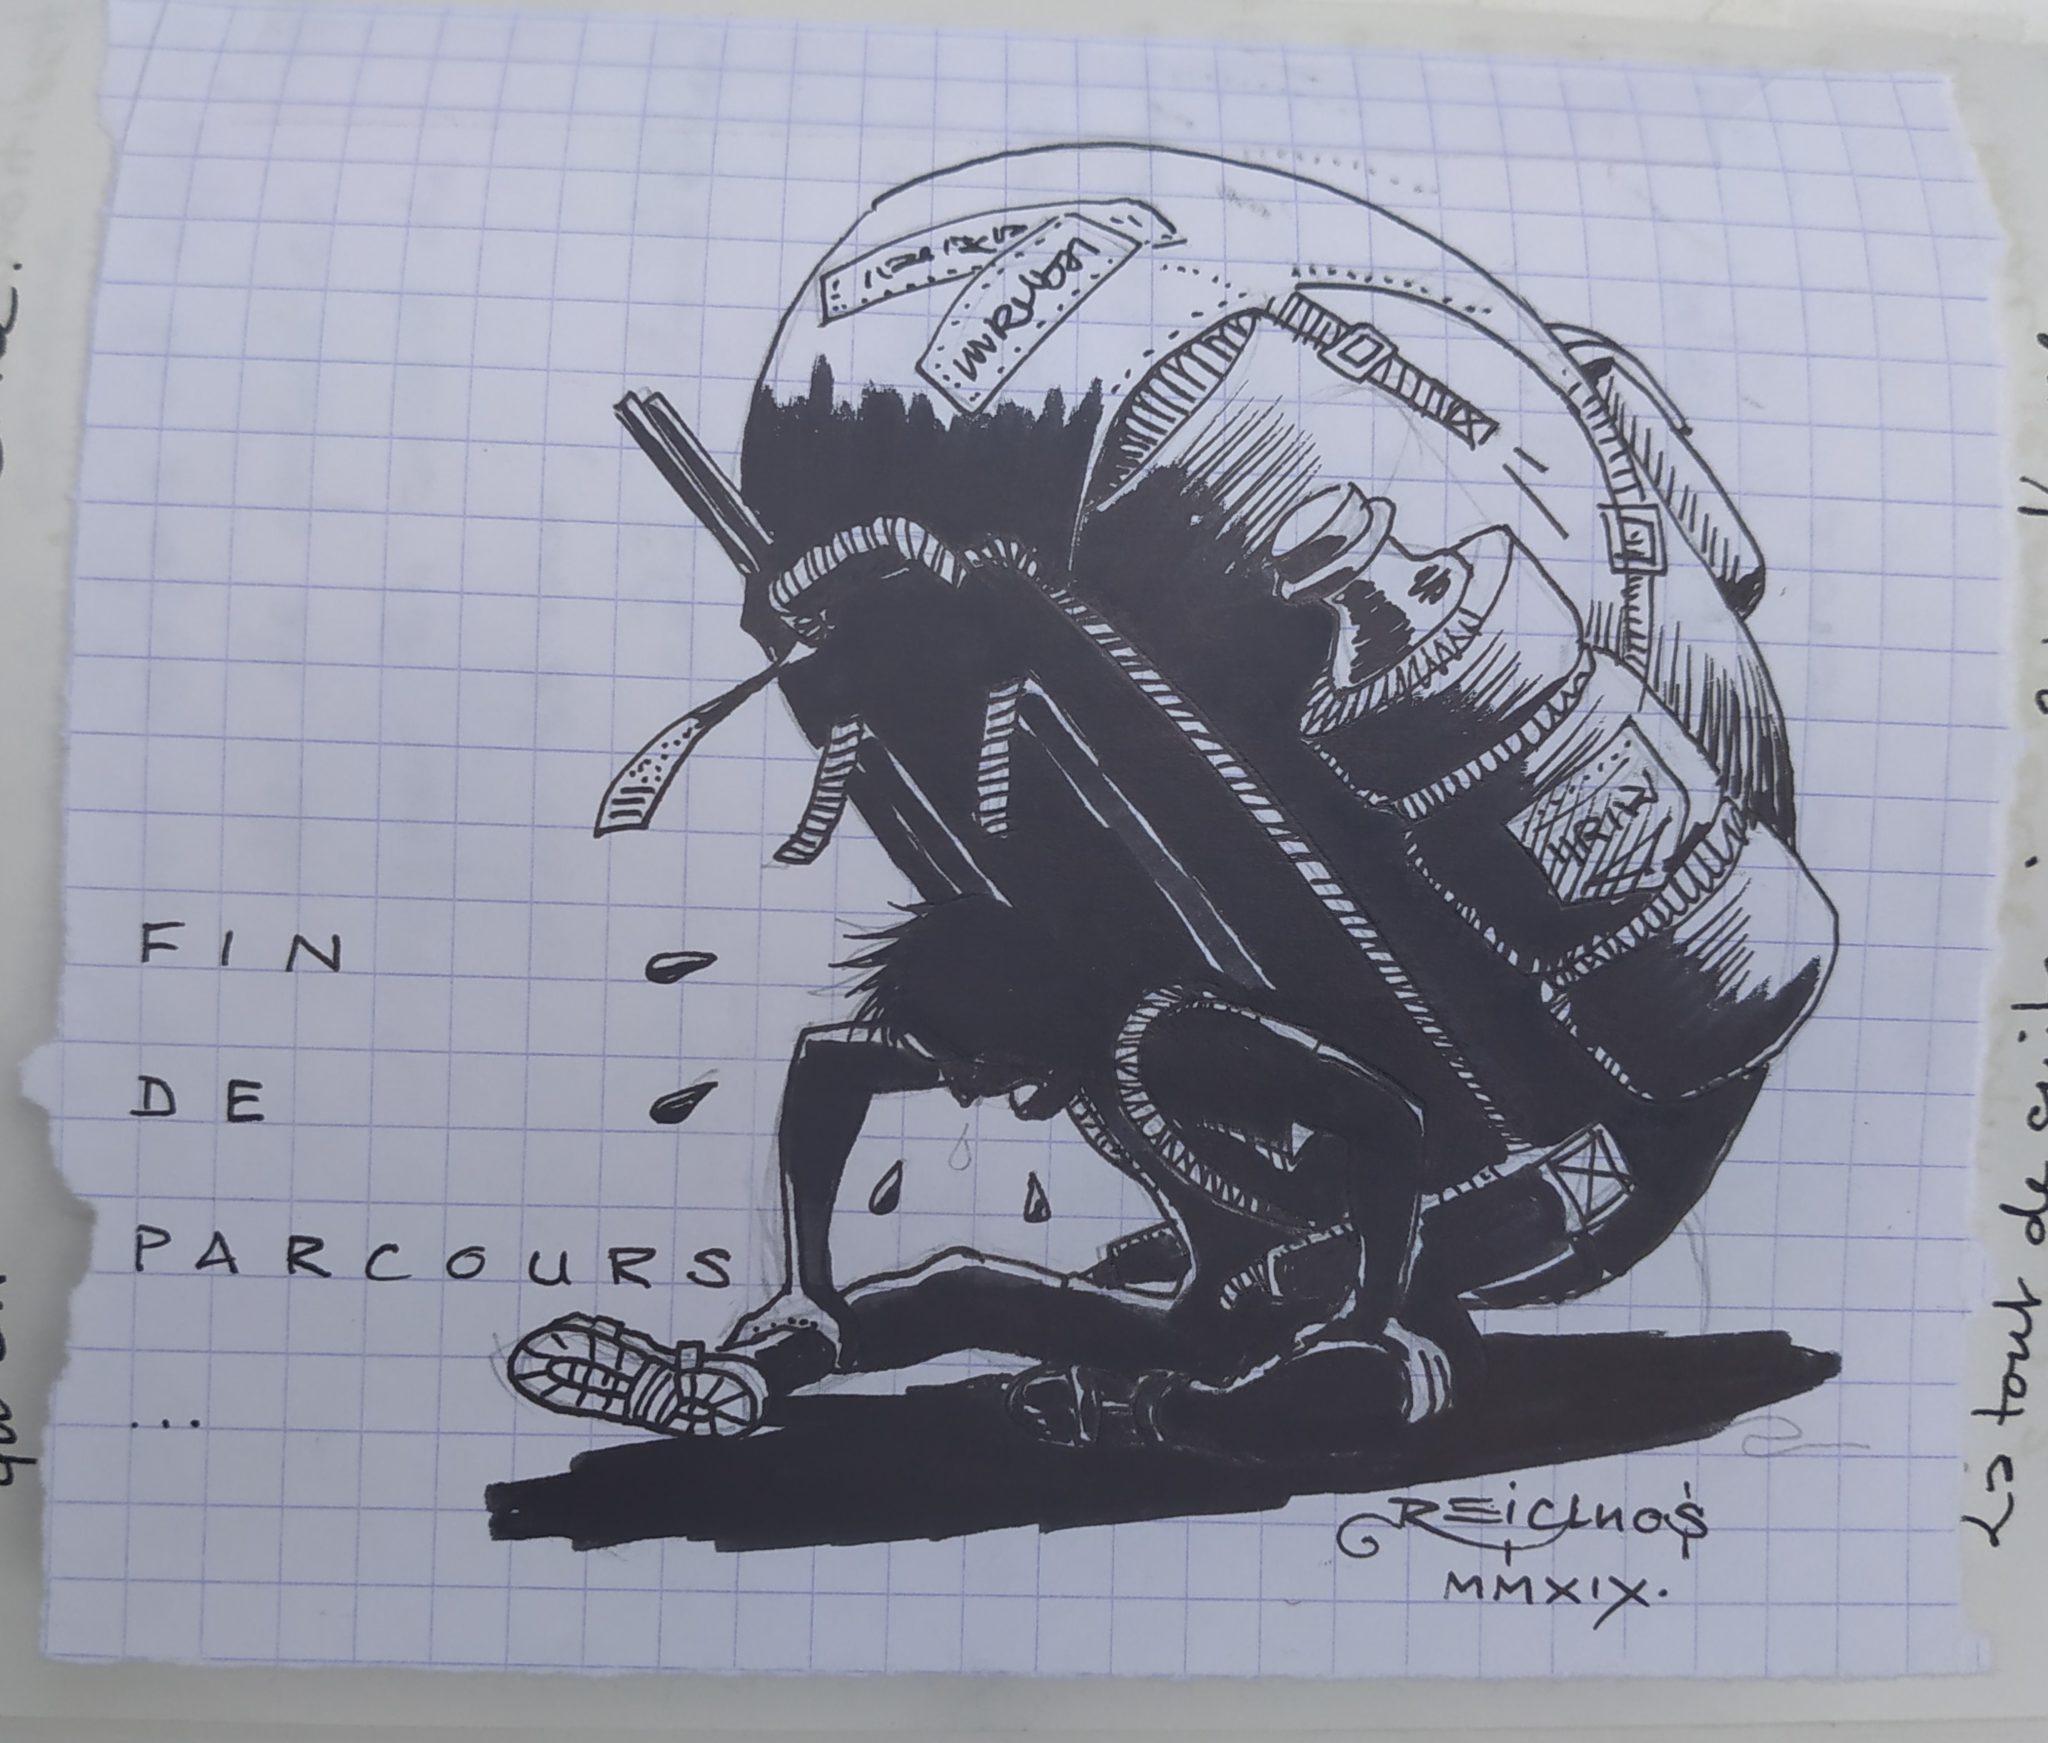 Fin de parcours - la fatigue du voyageur (dessin)